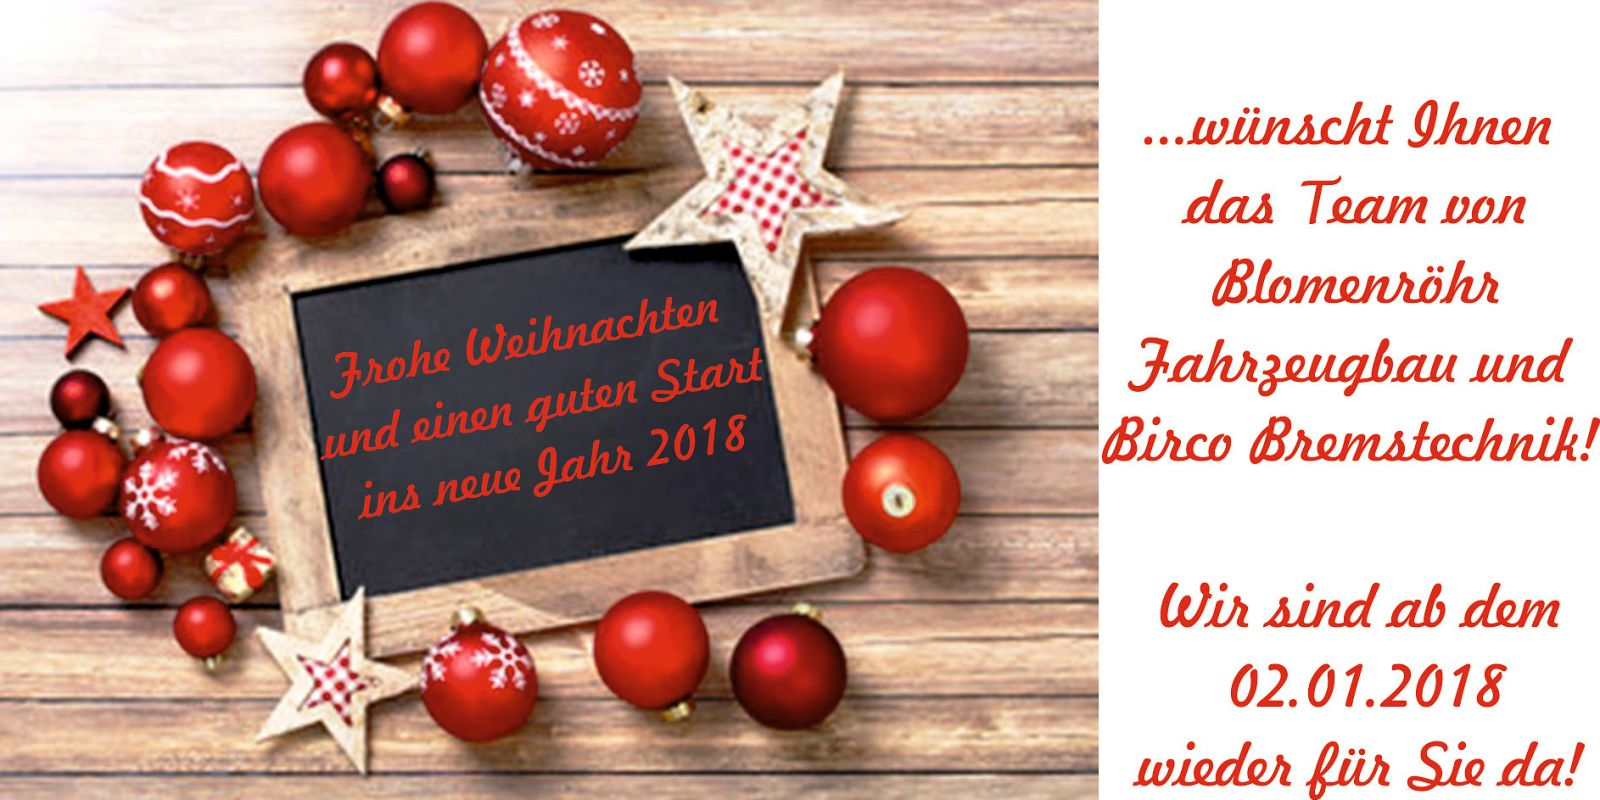 Wir Wünschen Euch Frohe Und Besinnliche Weihnachten.Frohe Weihnachten Merry Christmas Blomenröhr Fahrzeugbau